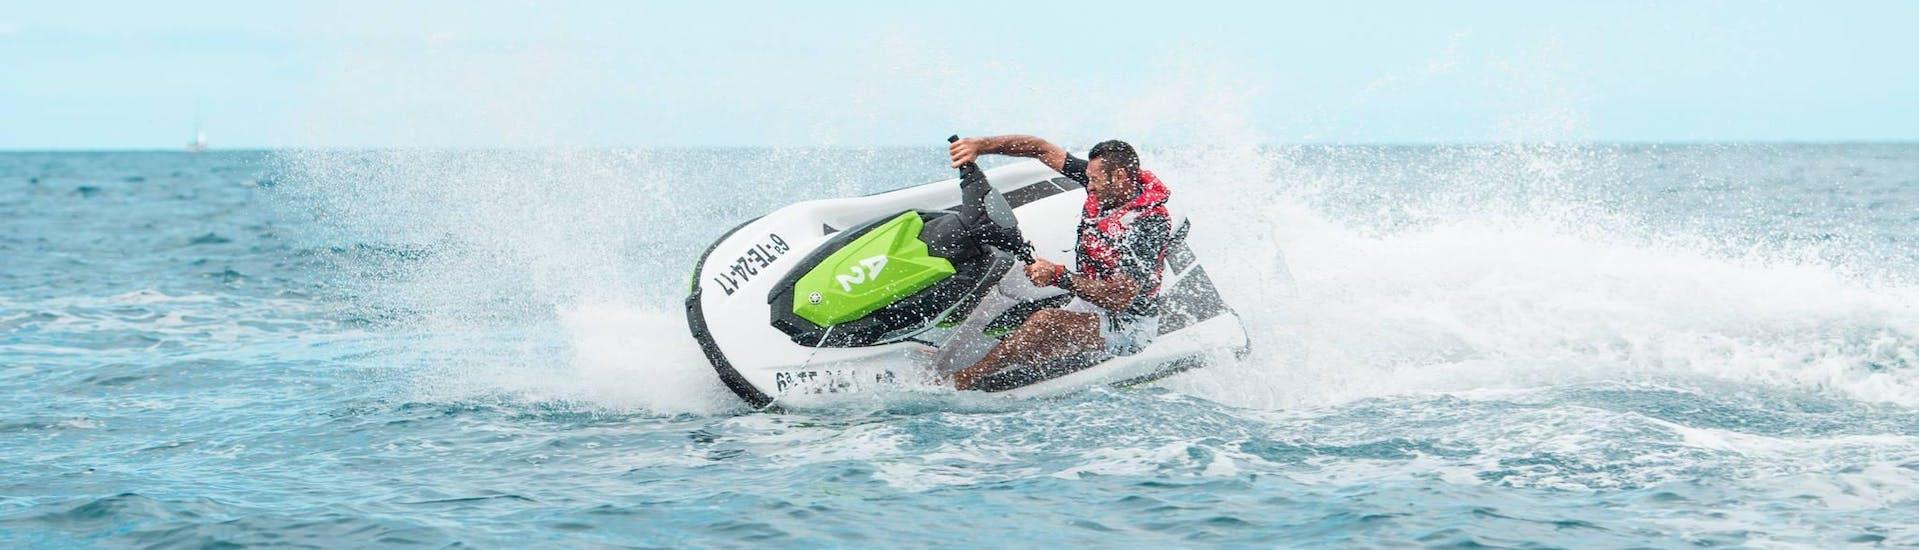 solo--duo-jet-ski-tour-los-gigantes---tenerife-water-sports-tenerife-hero